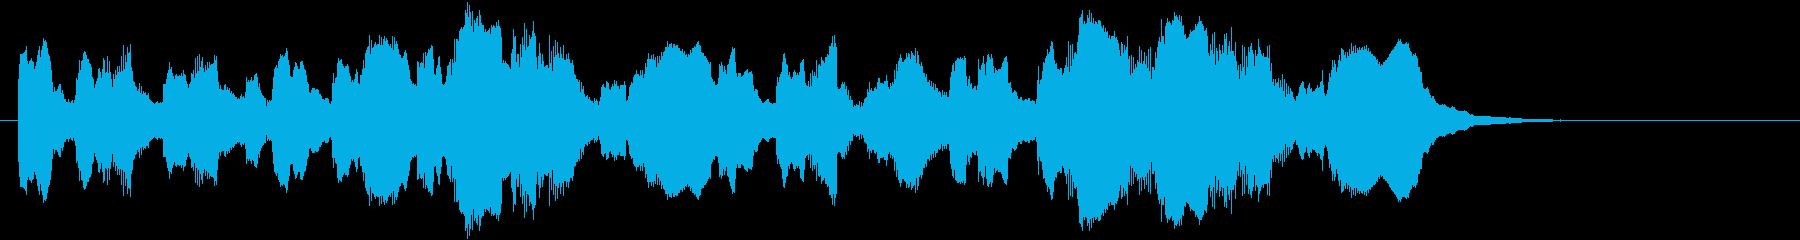 日本陸軍 突撃(出撃)ラッパ 高めの再生済みの波形